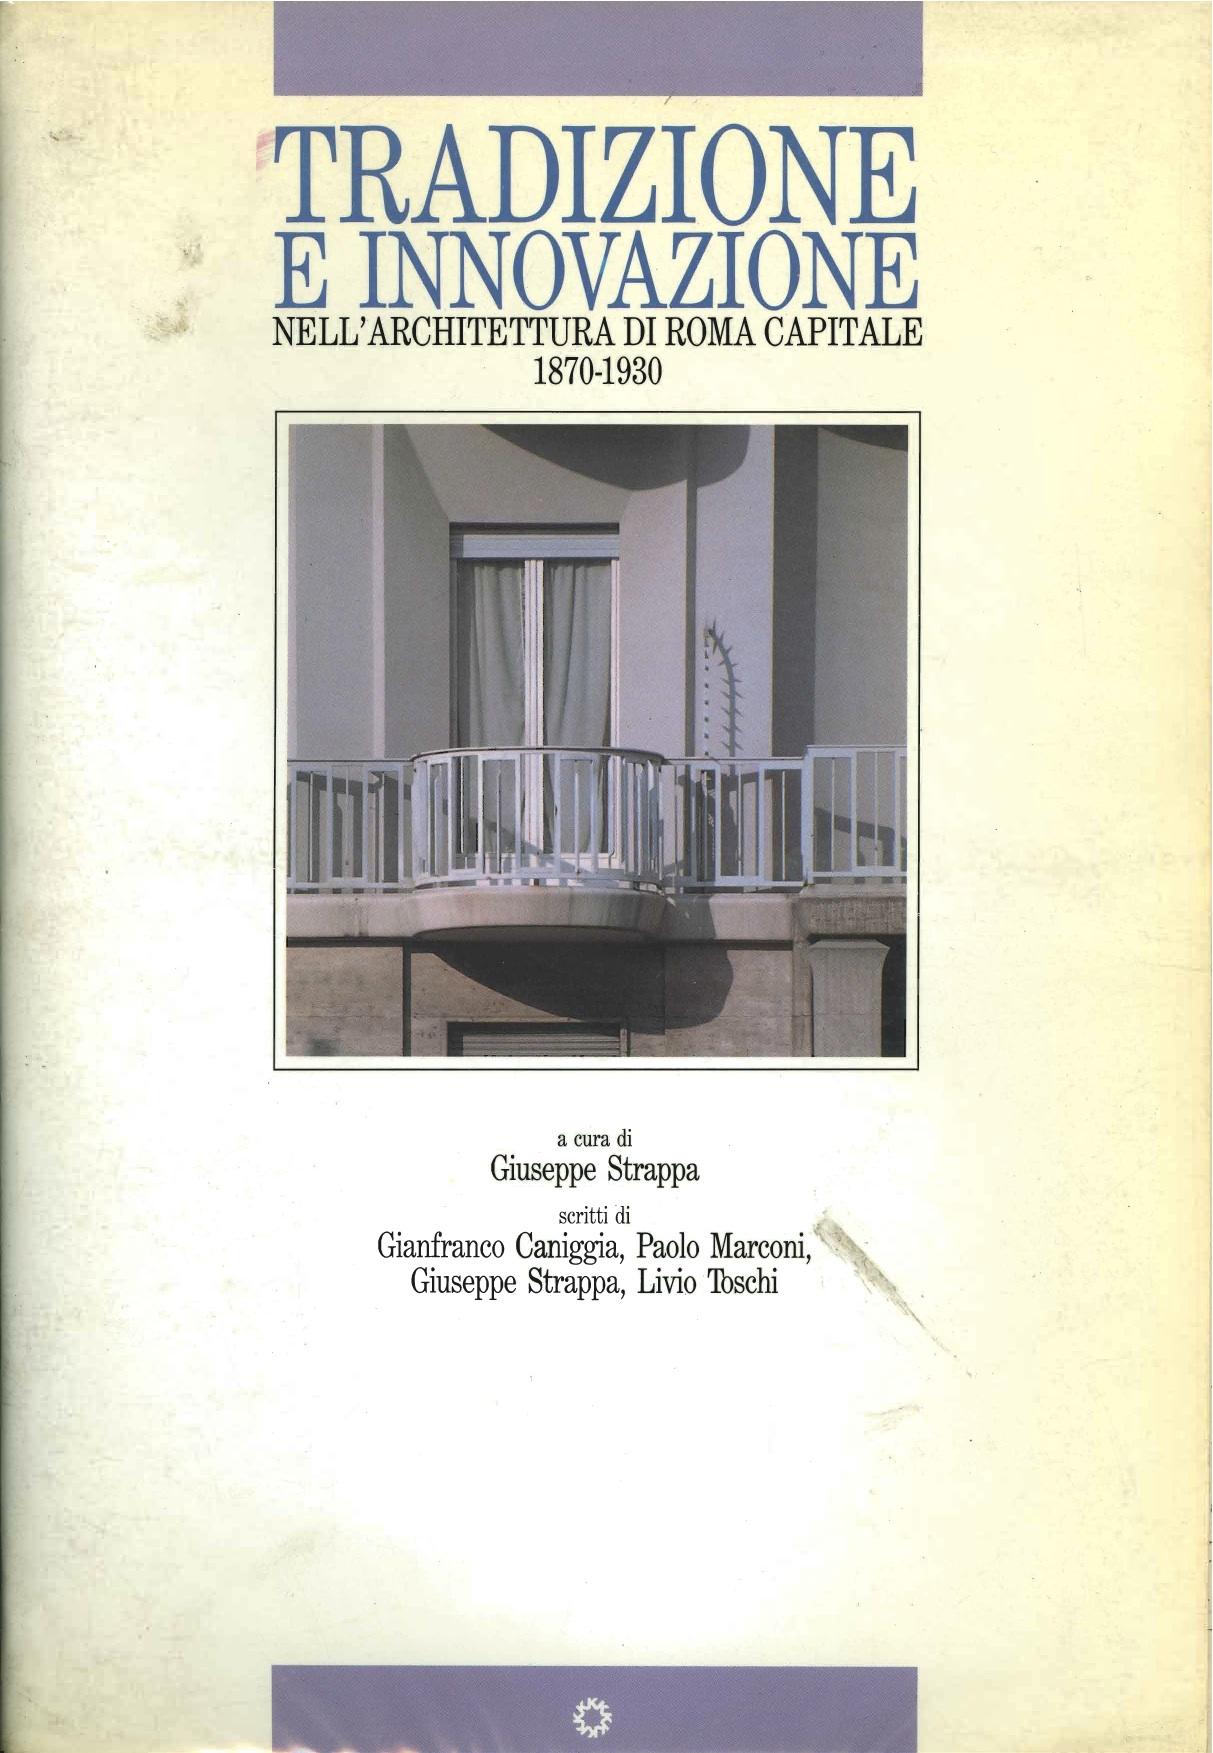 Tradizione e innovazione nell'architettura di Roma capitale, 1870-1930